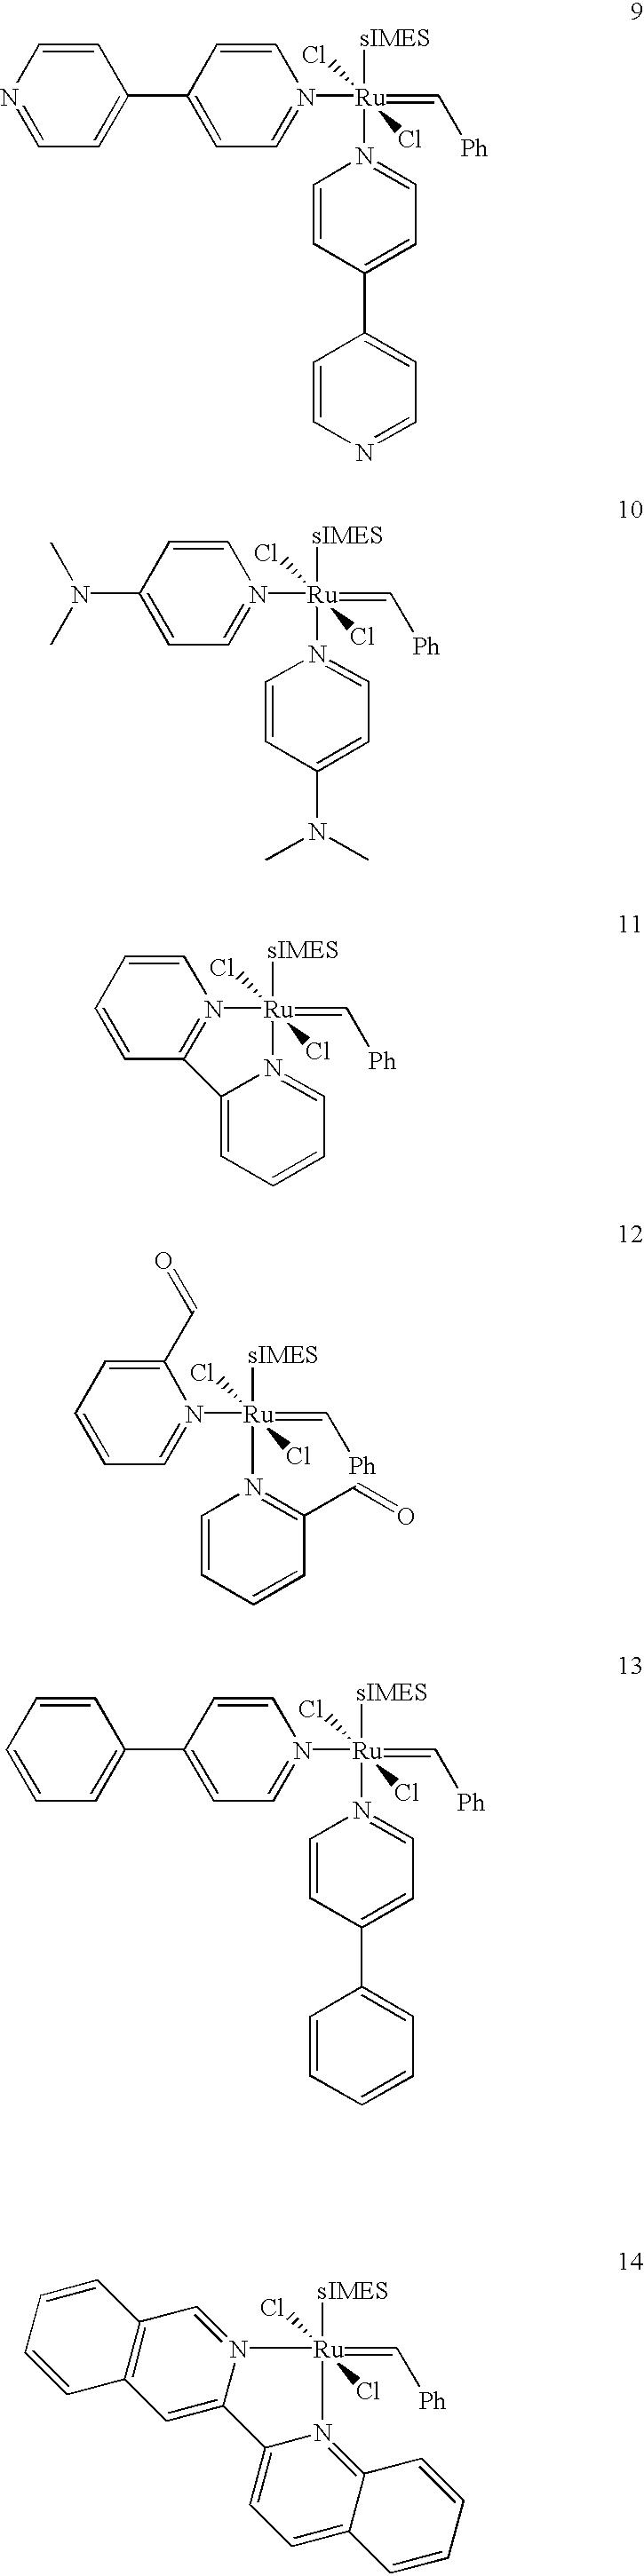 Figure US06818586-20041116-C00017